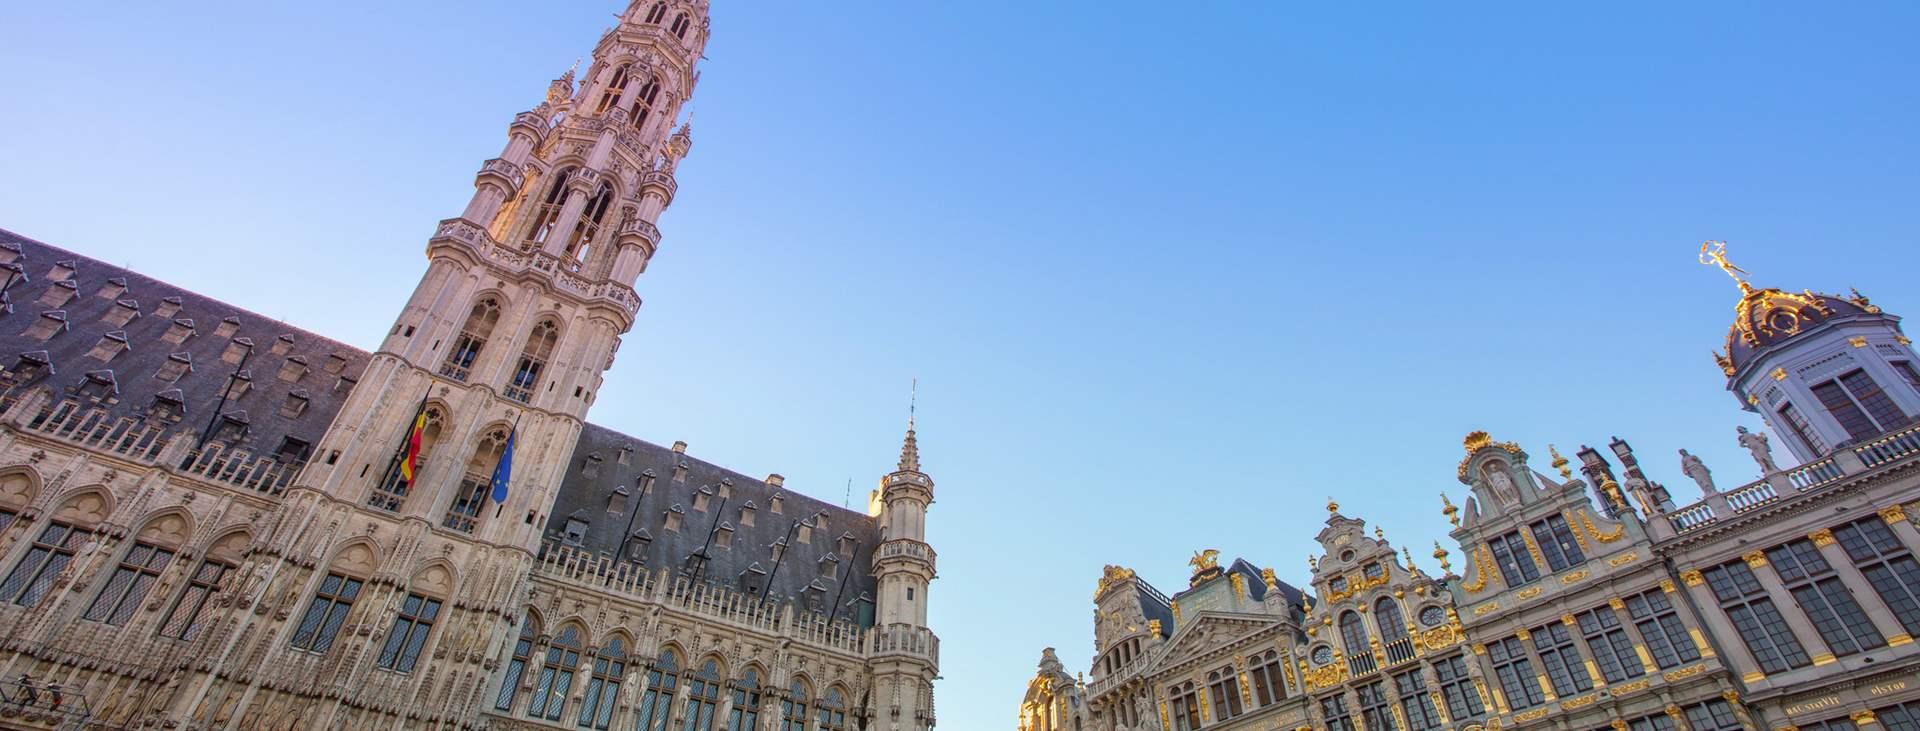 Varaa matka Tjäreborgilta Brysseliin, Belgiaan